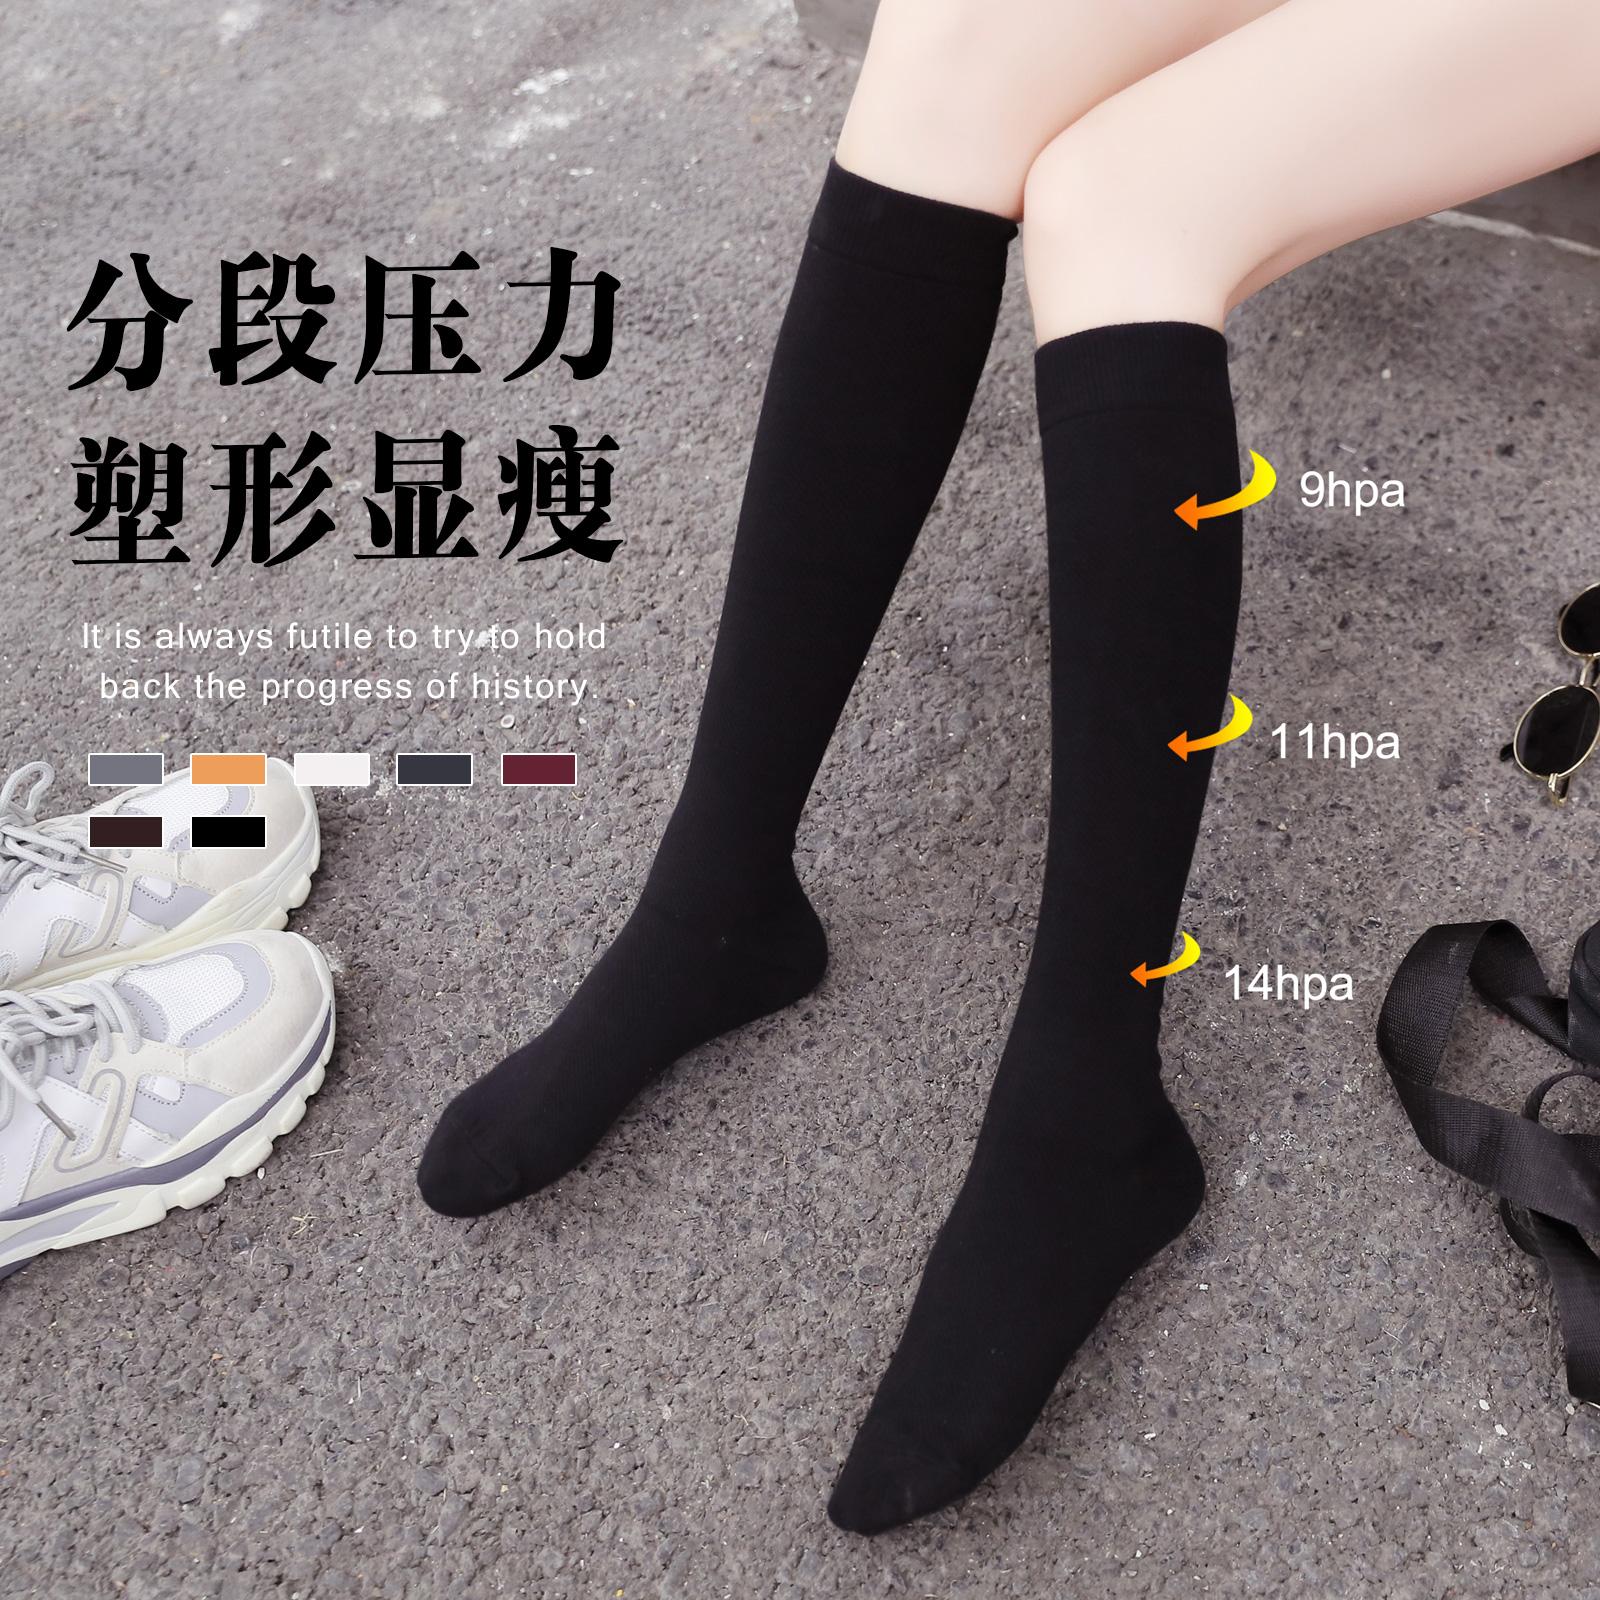 长筒袜女过膝春夏纯棉ins潮小腿袜日系压力瘦腿袜jk黑色高筒袜子